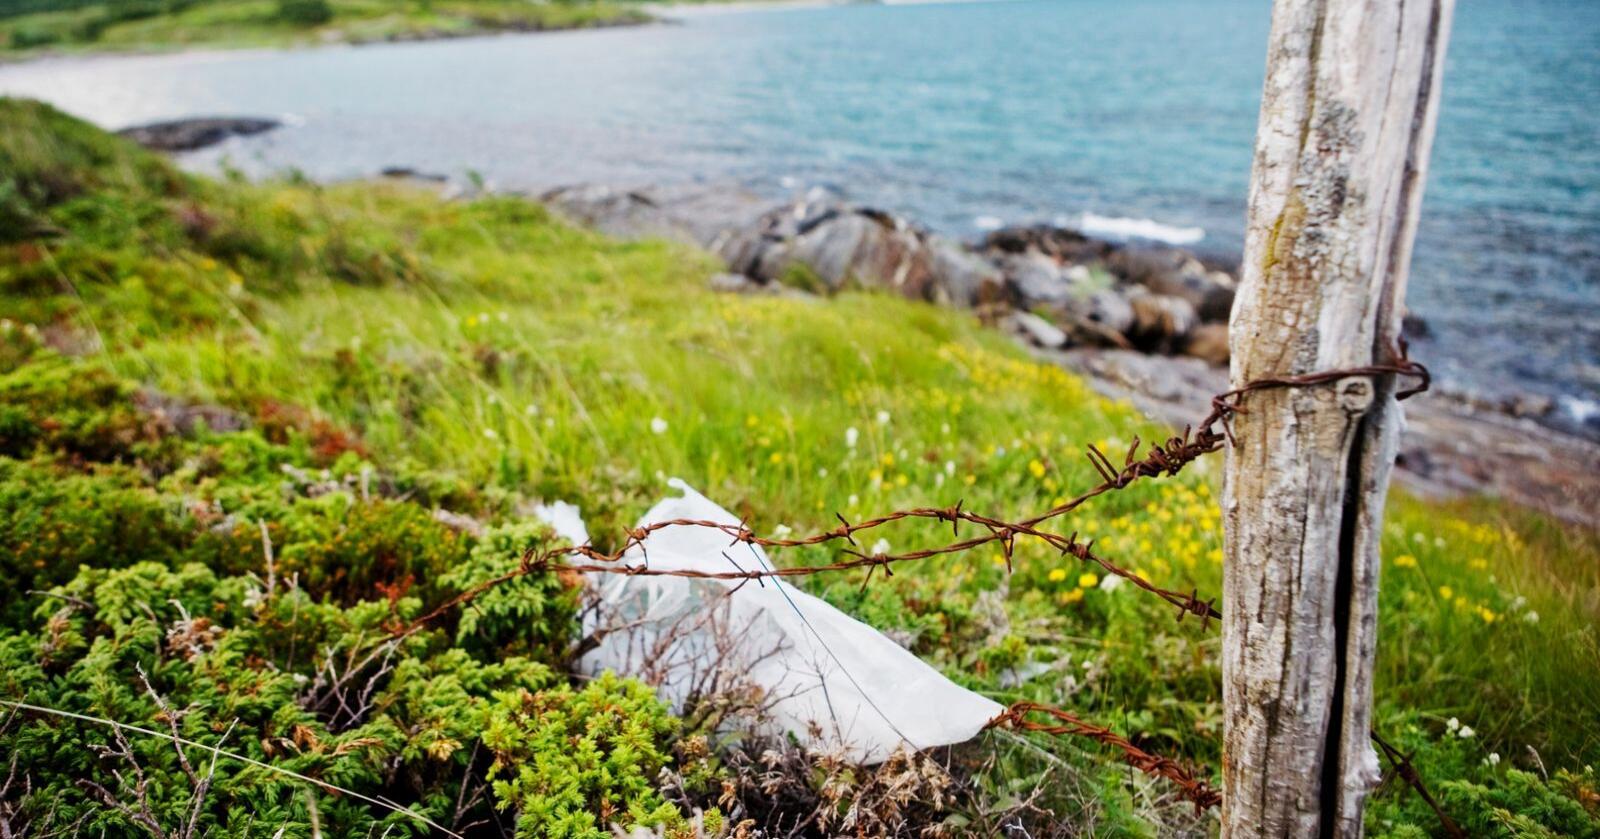 Gammelt gjerde med piggtråd i Steigen i Nordland.Foto: Kyrre Lien / NTB